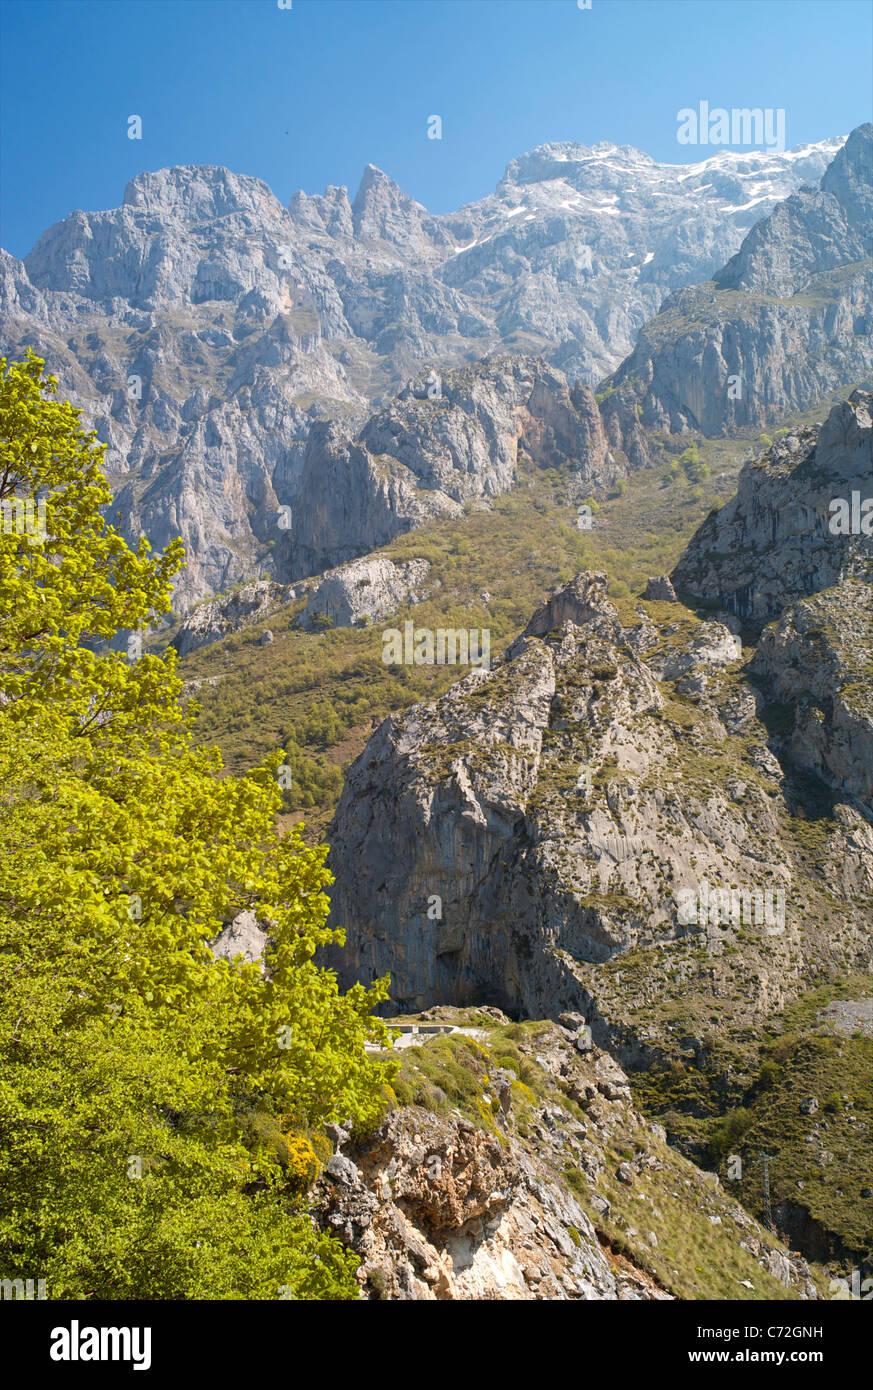 The Picos de Europa, Castilla y Leon, Spain - Stock Image